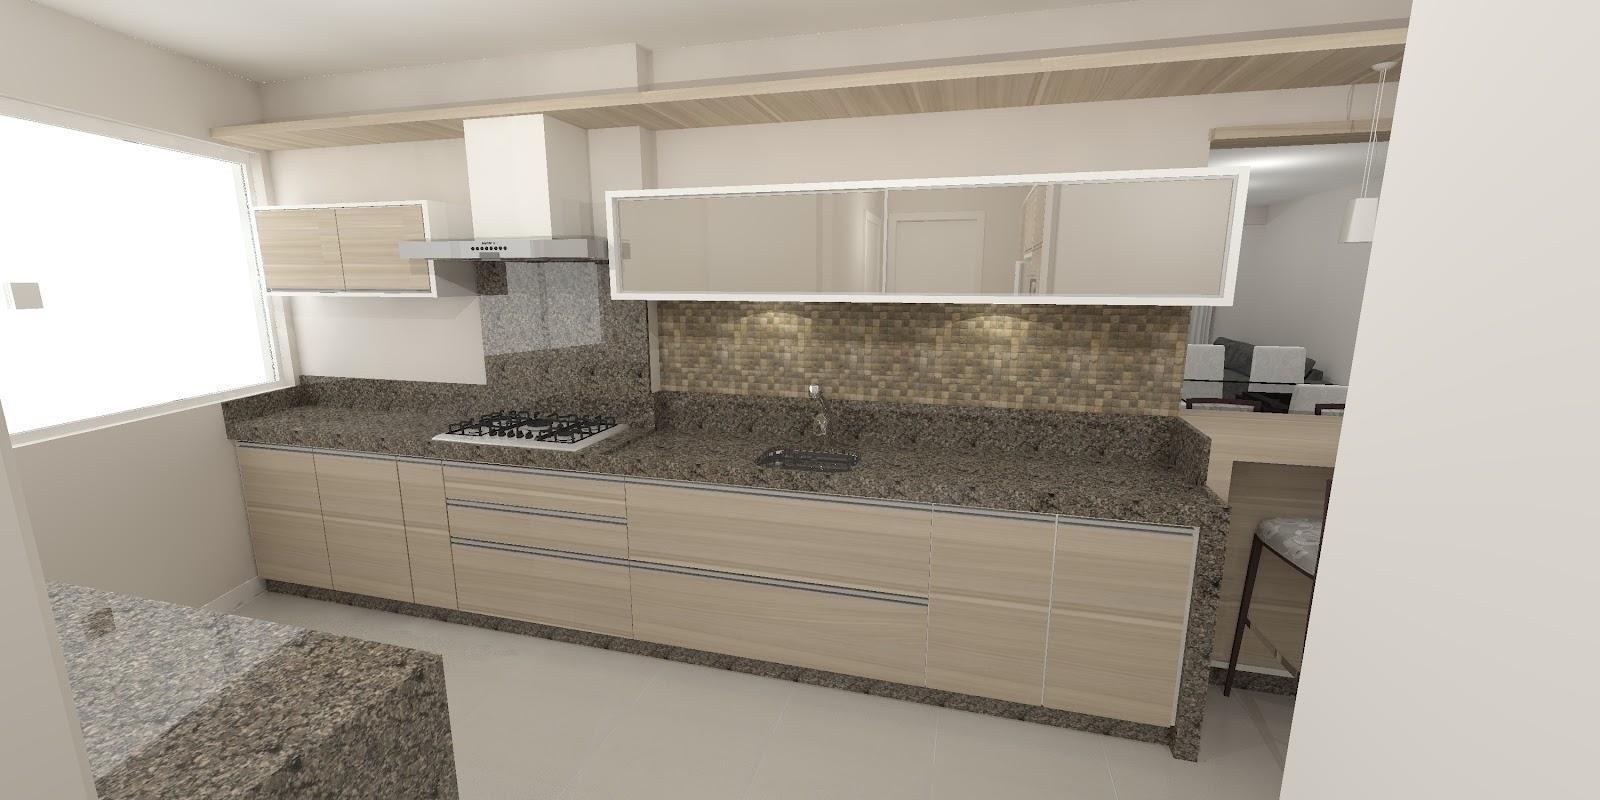 #766955 Sekai Projetos e Interiores: Sala e cozinha conjugadas 1600x800 px Projetos De Salas E Cozinhas Conjugadas #823 imagens